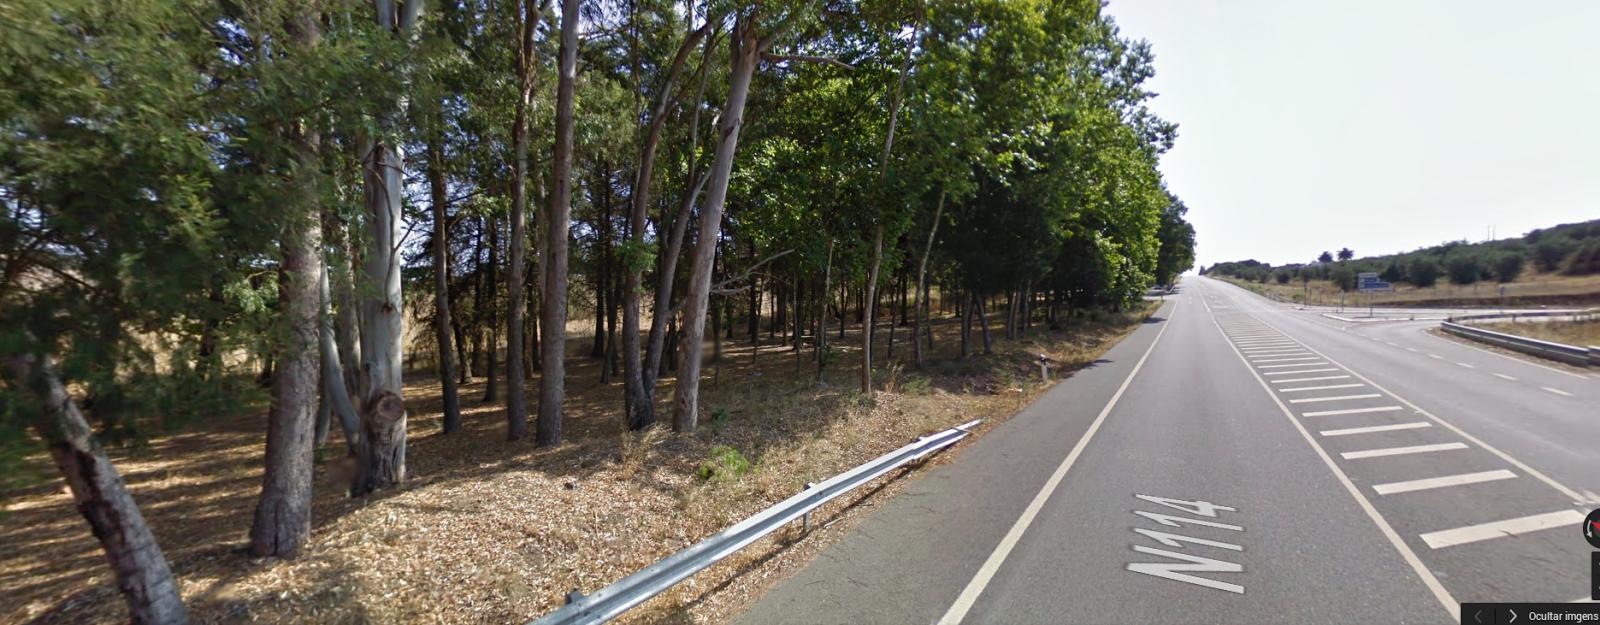 Estrada N 114